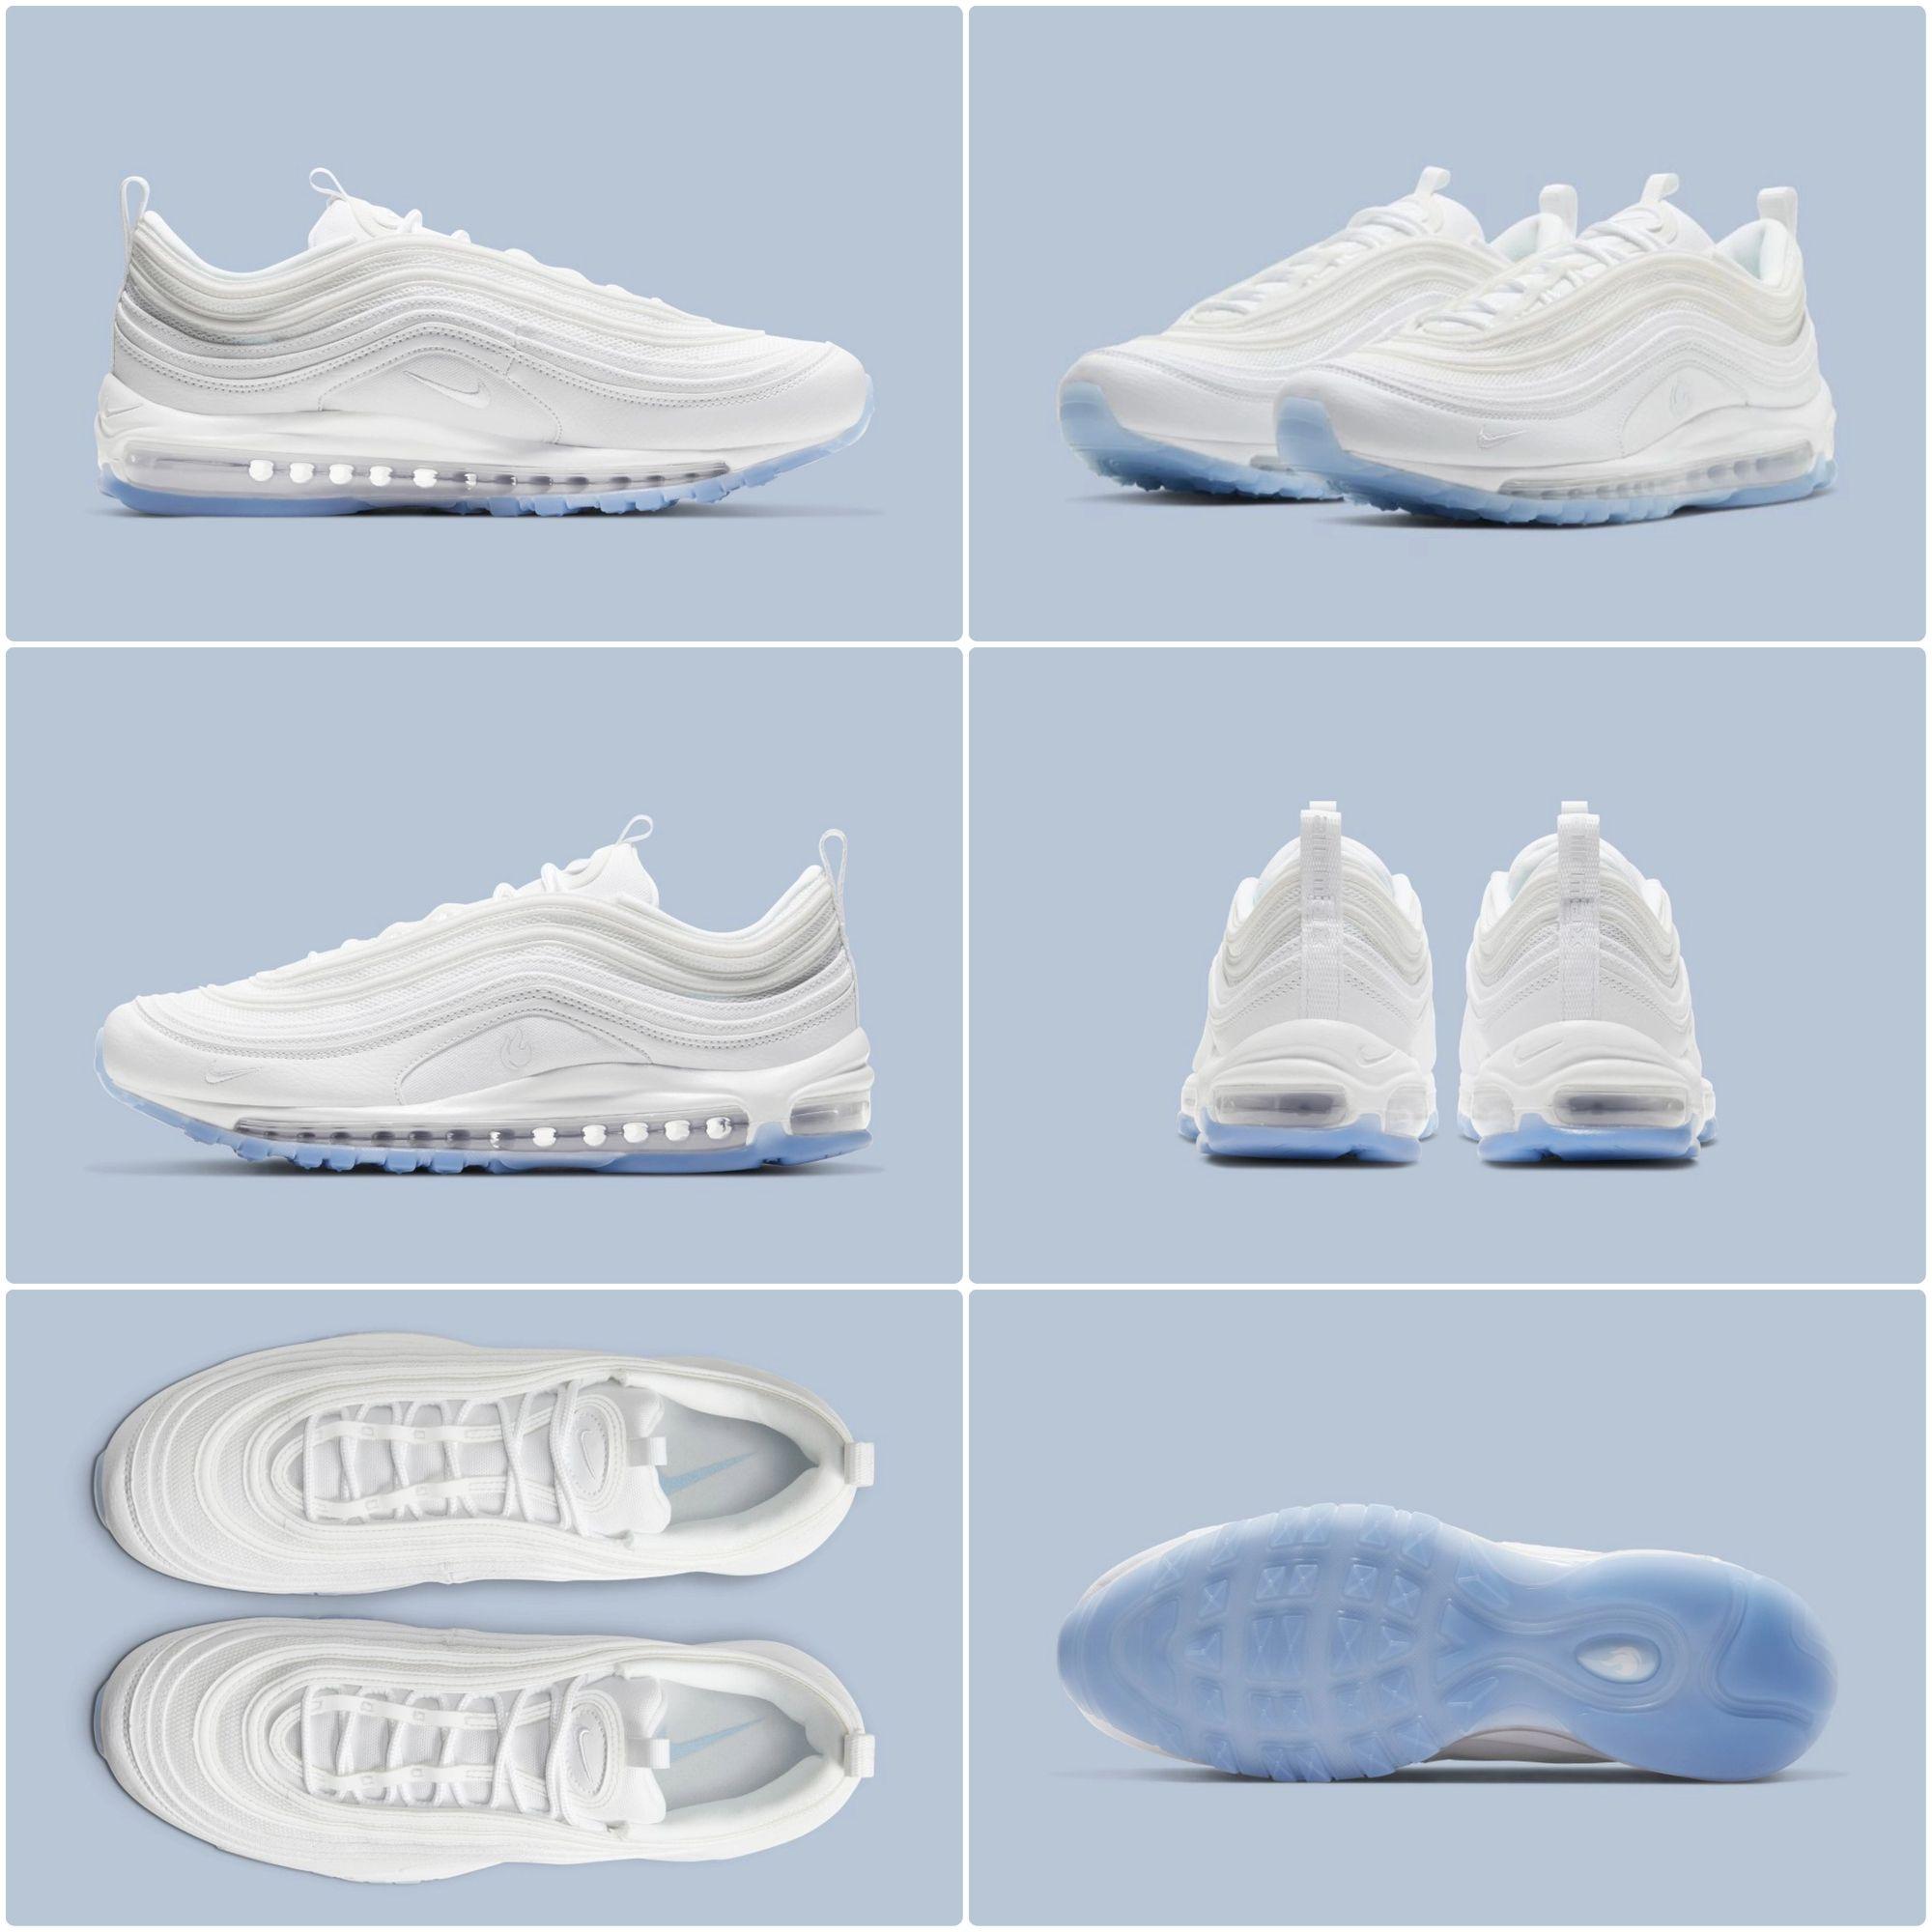 Demnachst Erscheint Ein Nike Air Max 97 White Ice Klickt Den